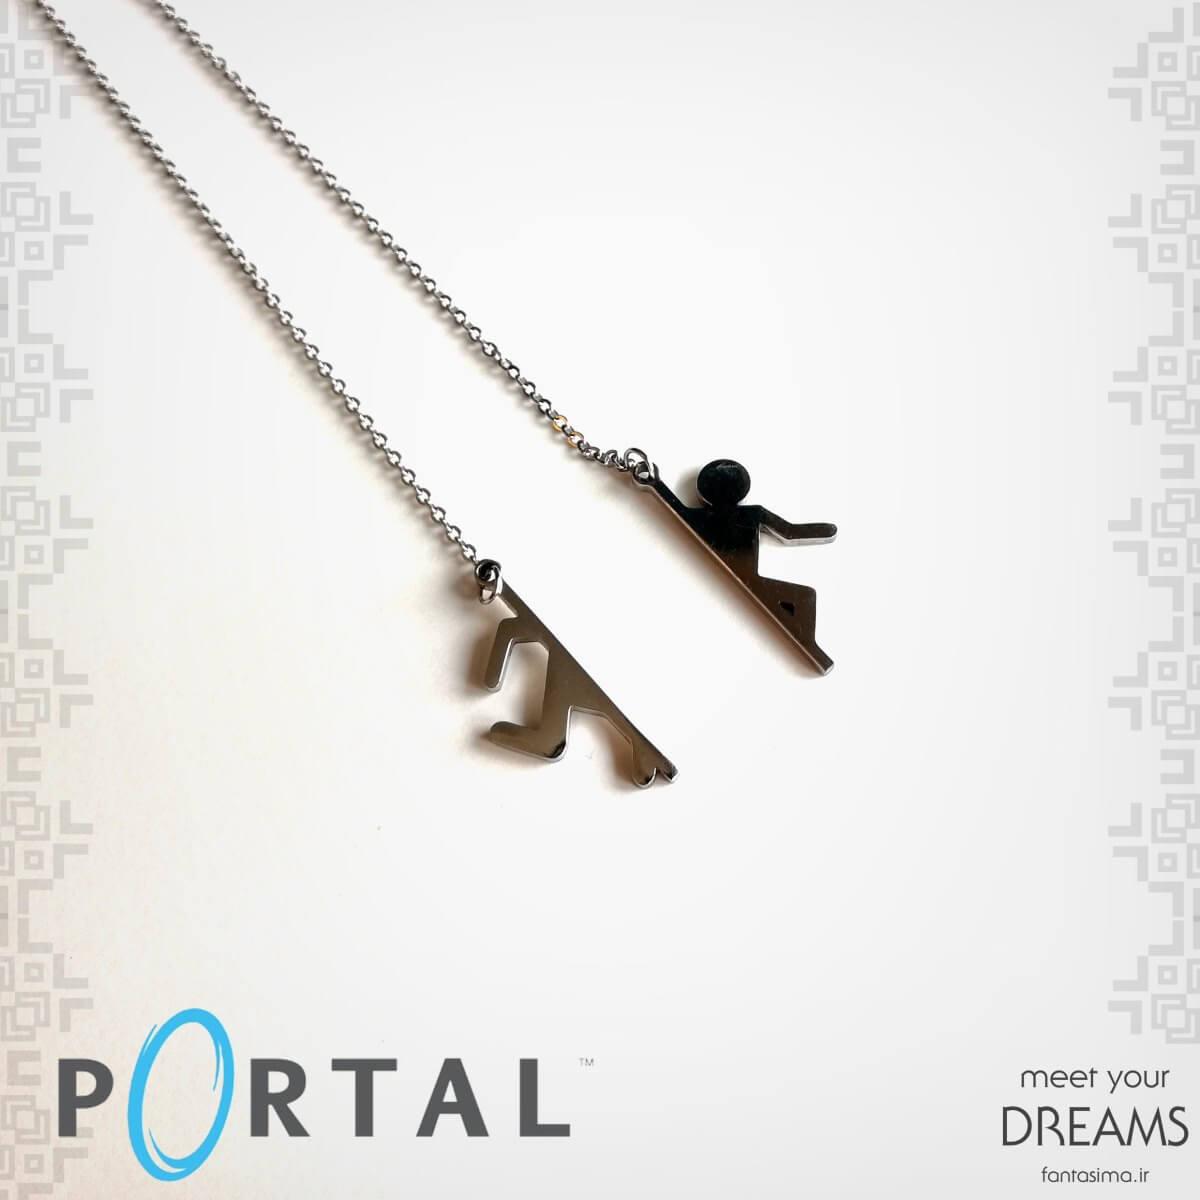 گردنبند استیل پورتال